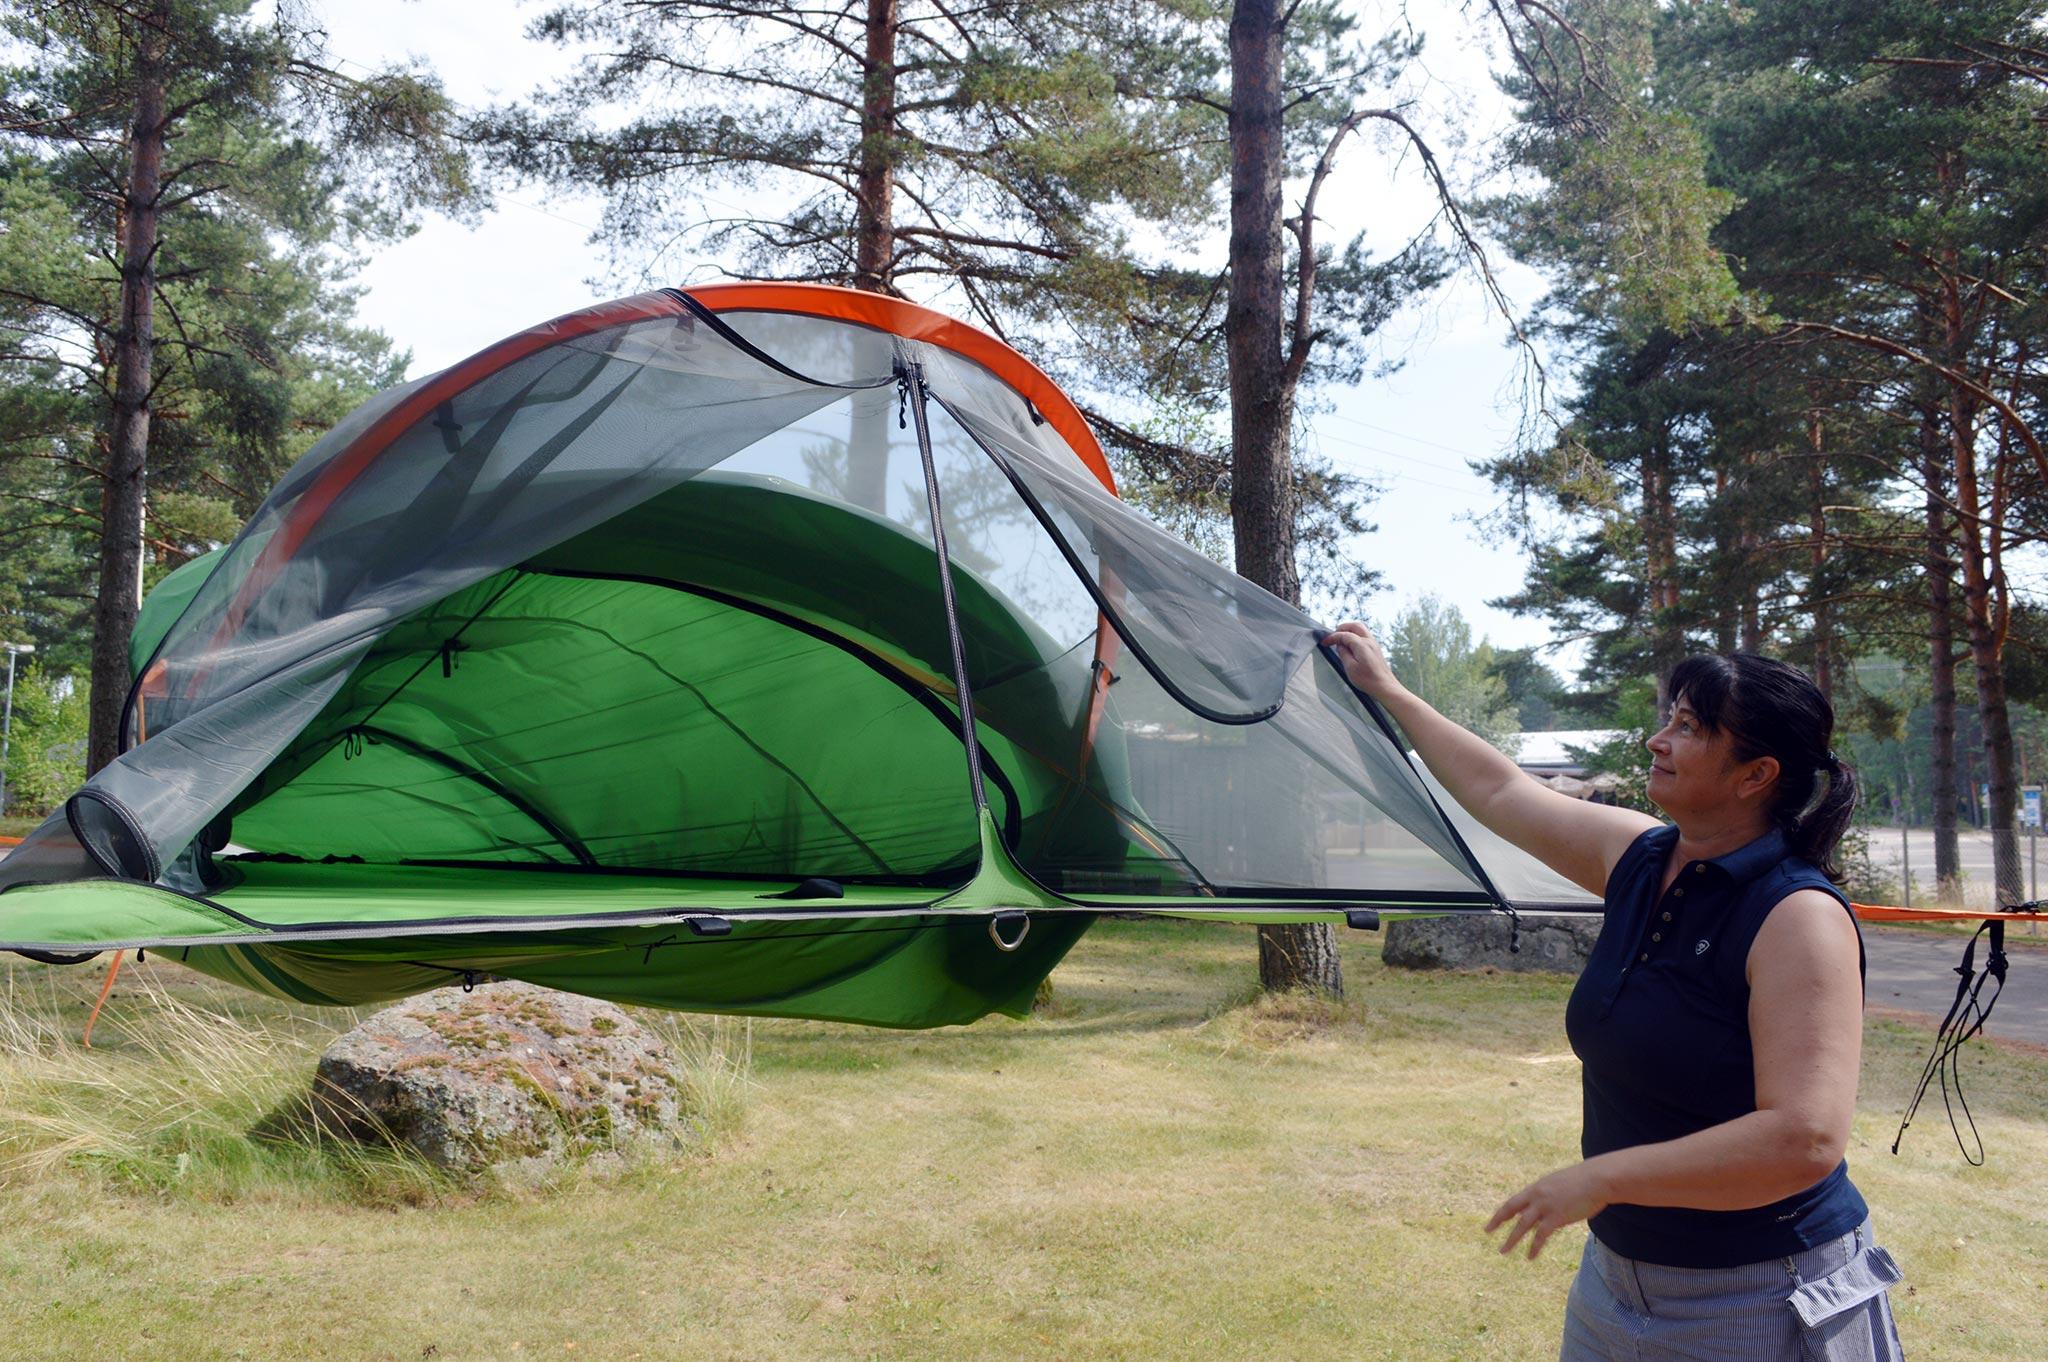 Santalahti Resortin toinen omistaja Katriina Halles-Markkola esittelee kahden hengen puutelttaa eli tentsileä.